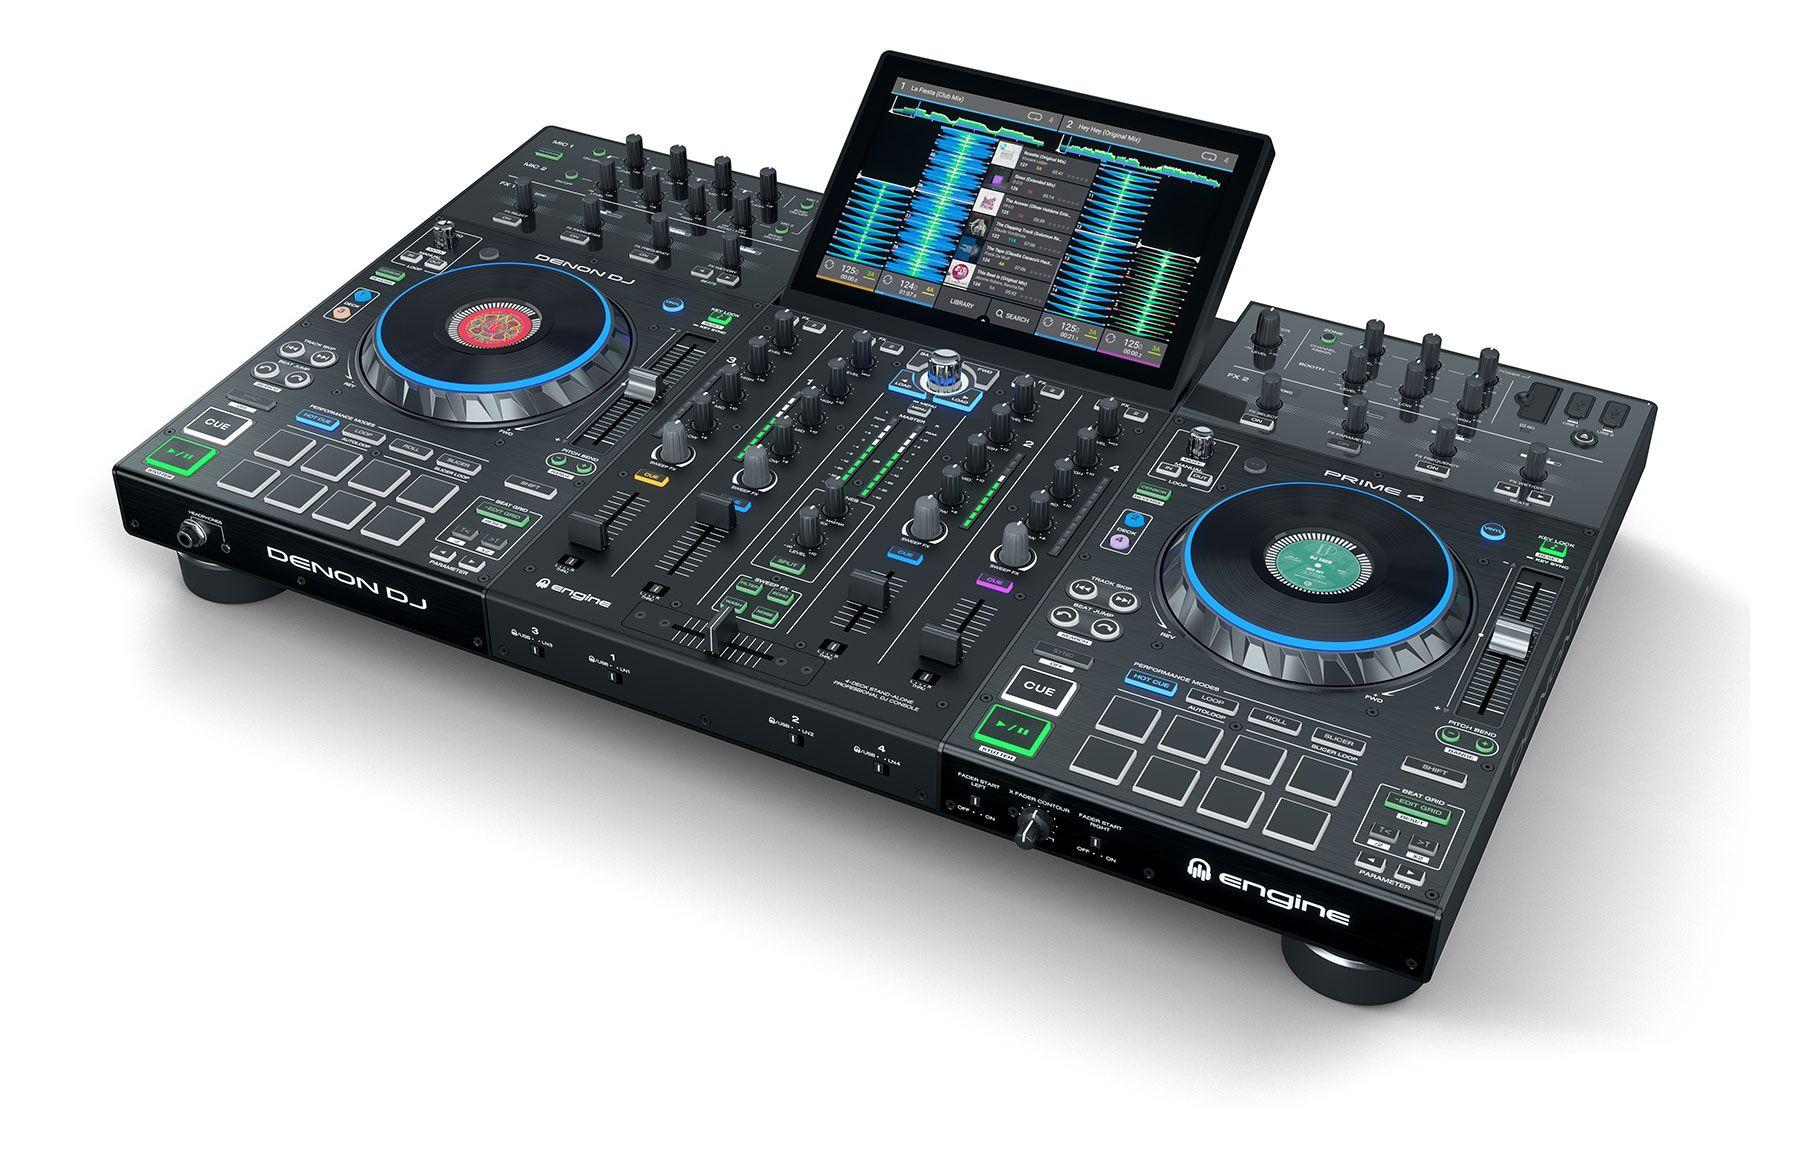 DENON DJ PRIME 4 CONSOLE CONTROLLER STANDALONE PER DJ 4 DECK CON TOUCH SCREEN 10 4x USB + SD CARD 3